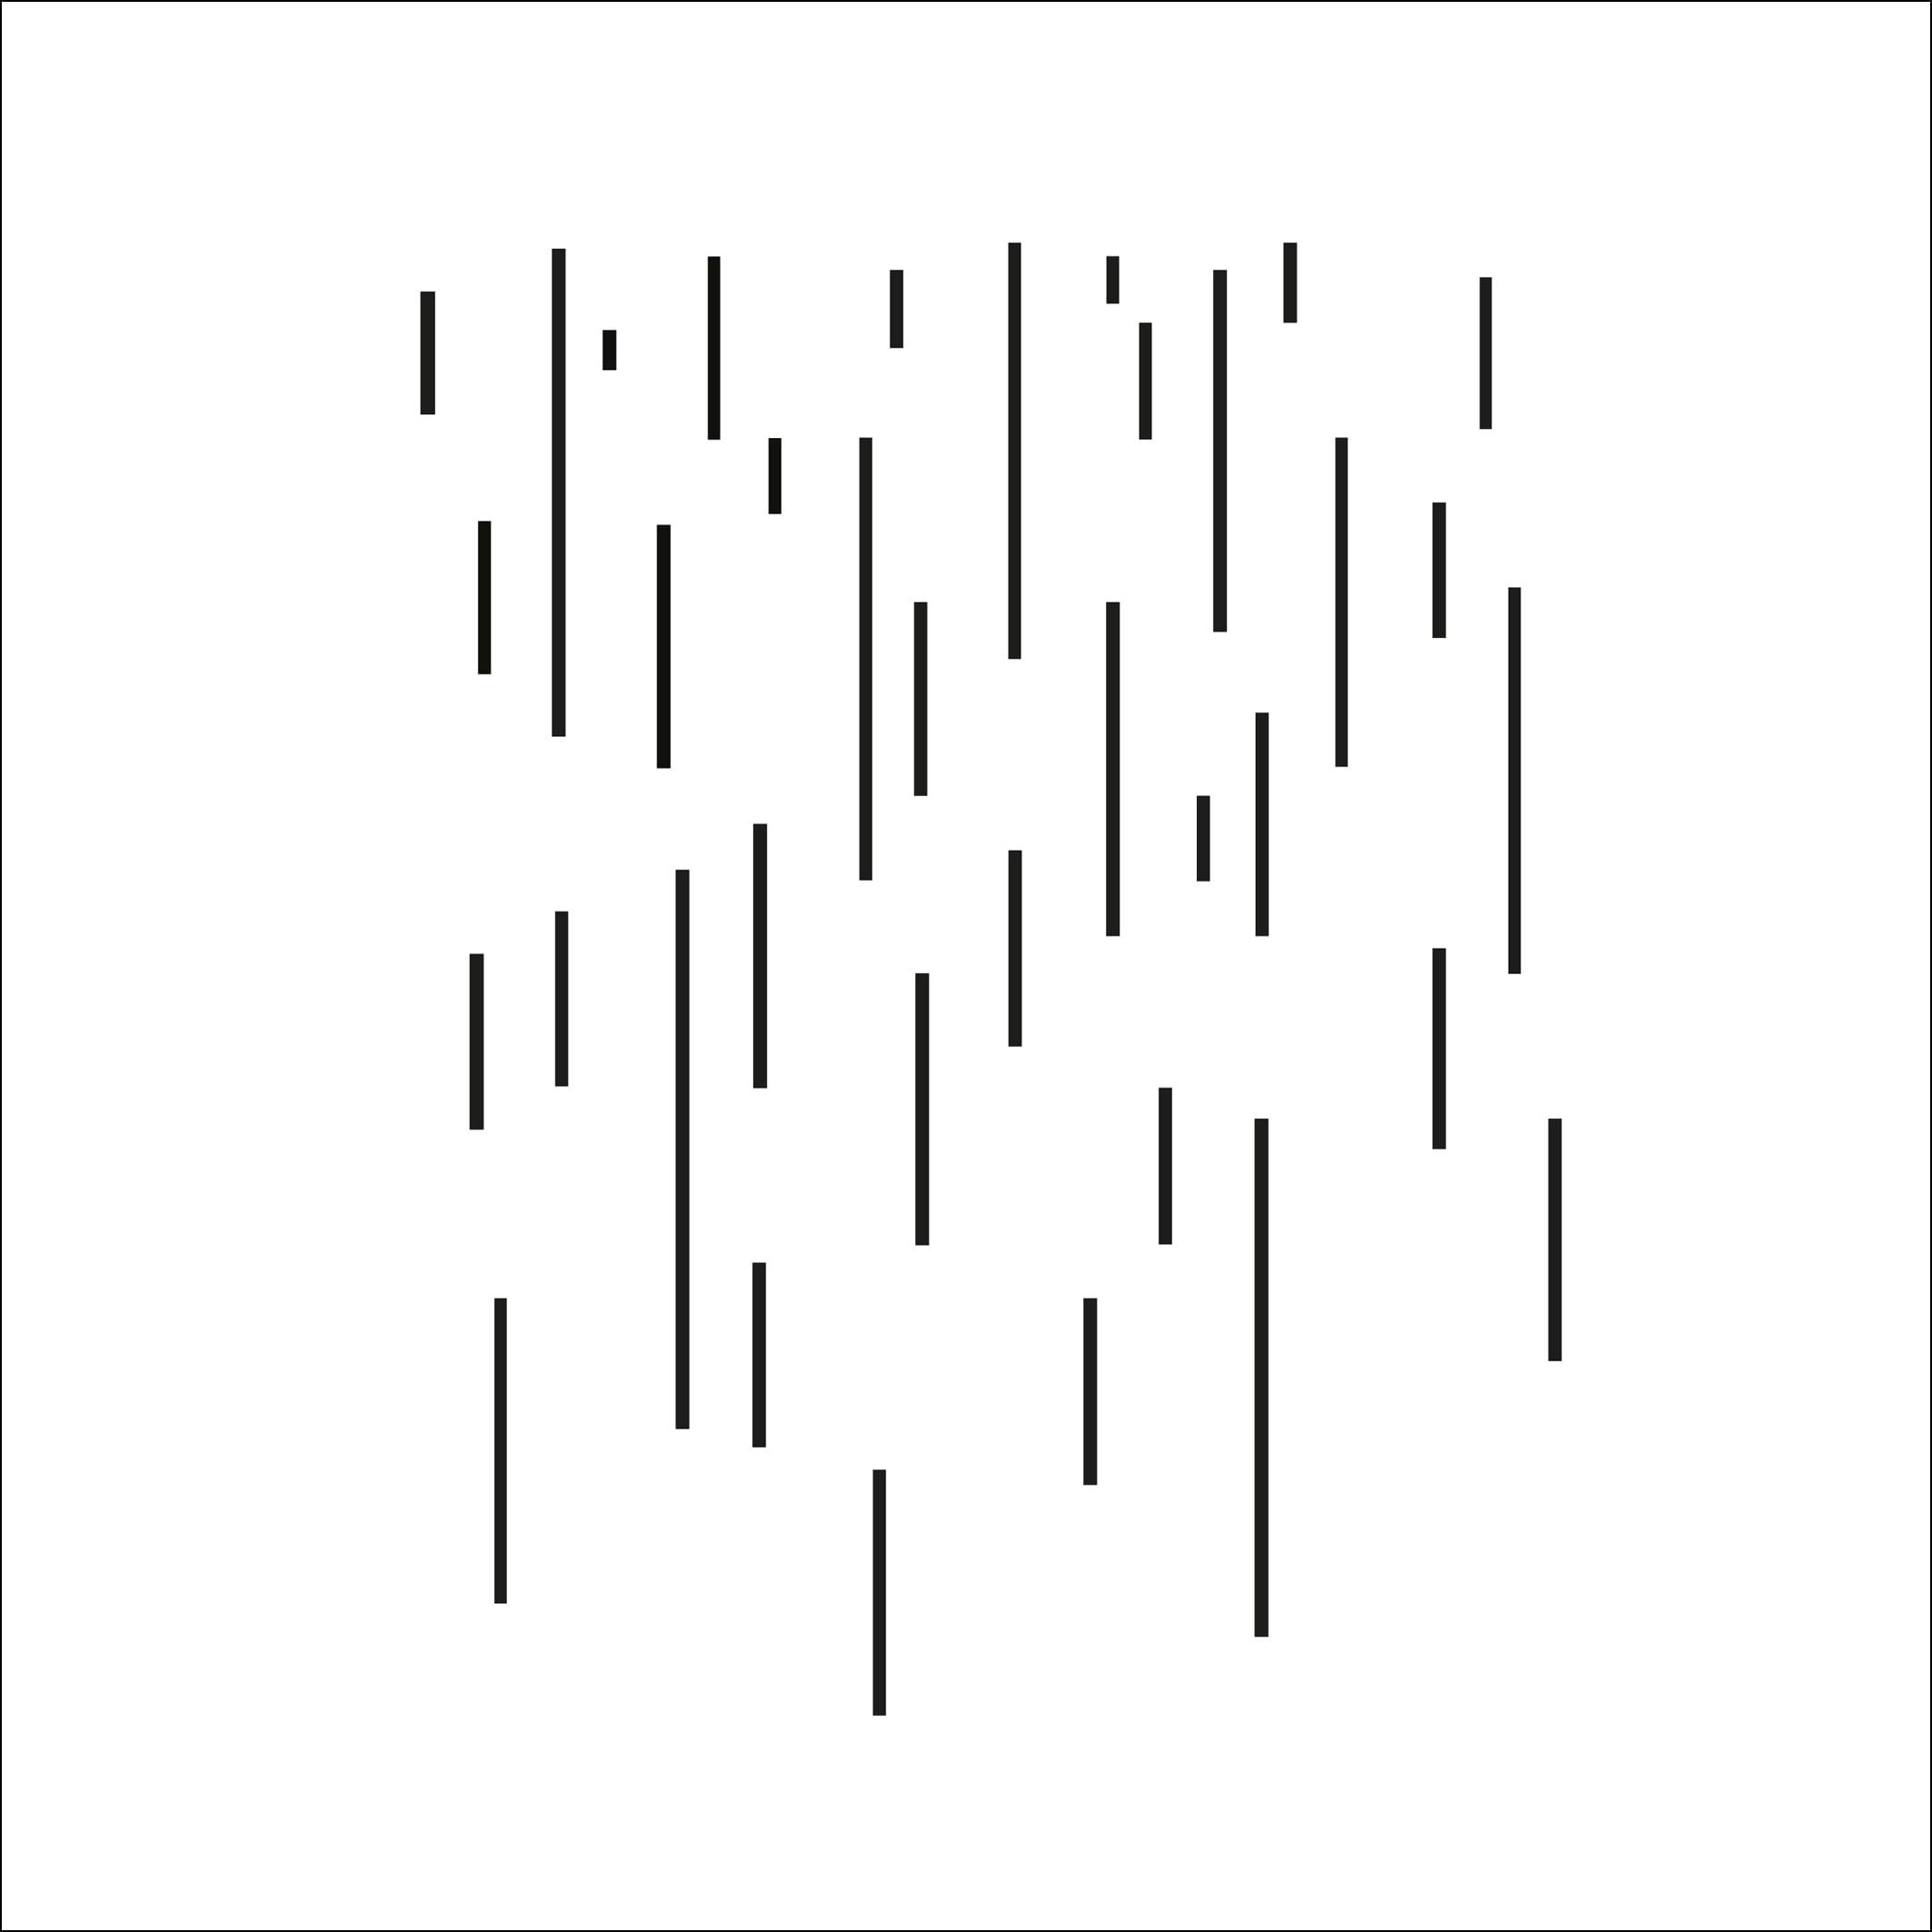 GOND009 - GoGo Penguin - v2.0 (2014)